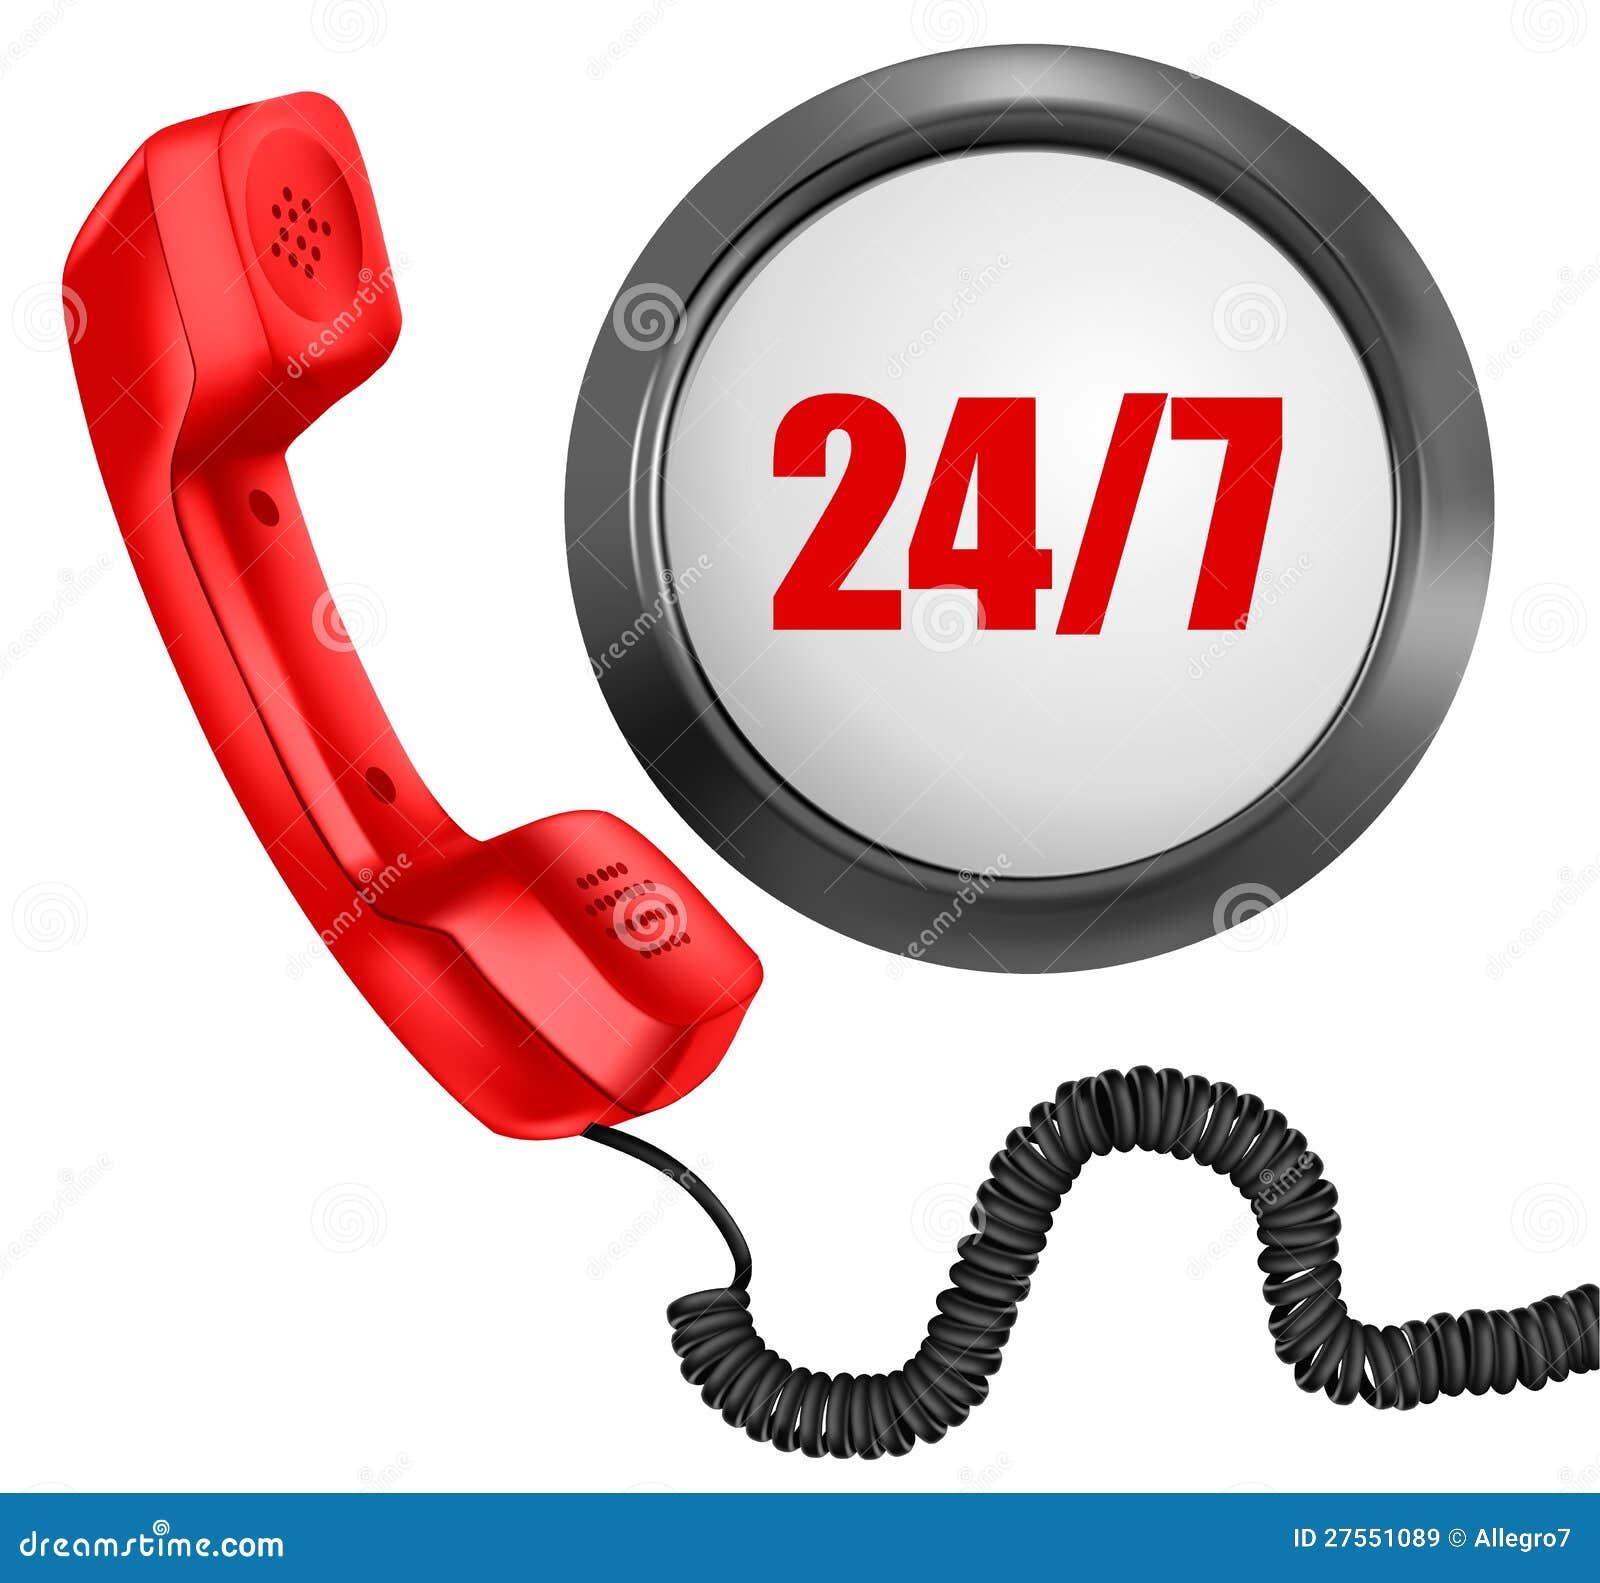 Teléfono y 24/7 botón. 24 horas en día